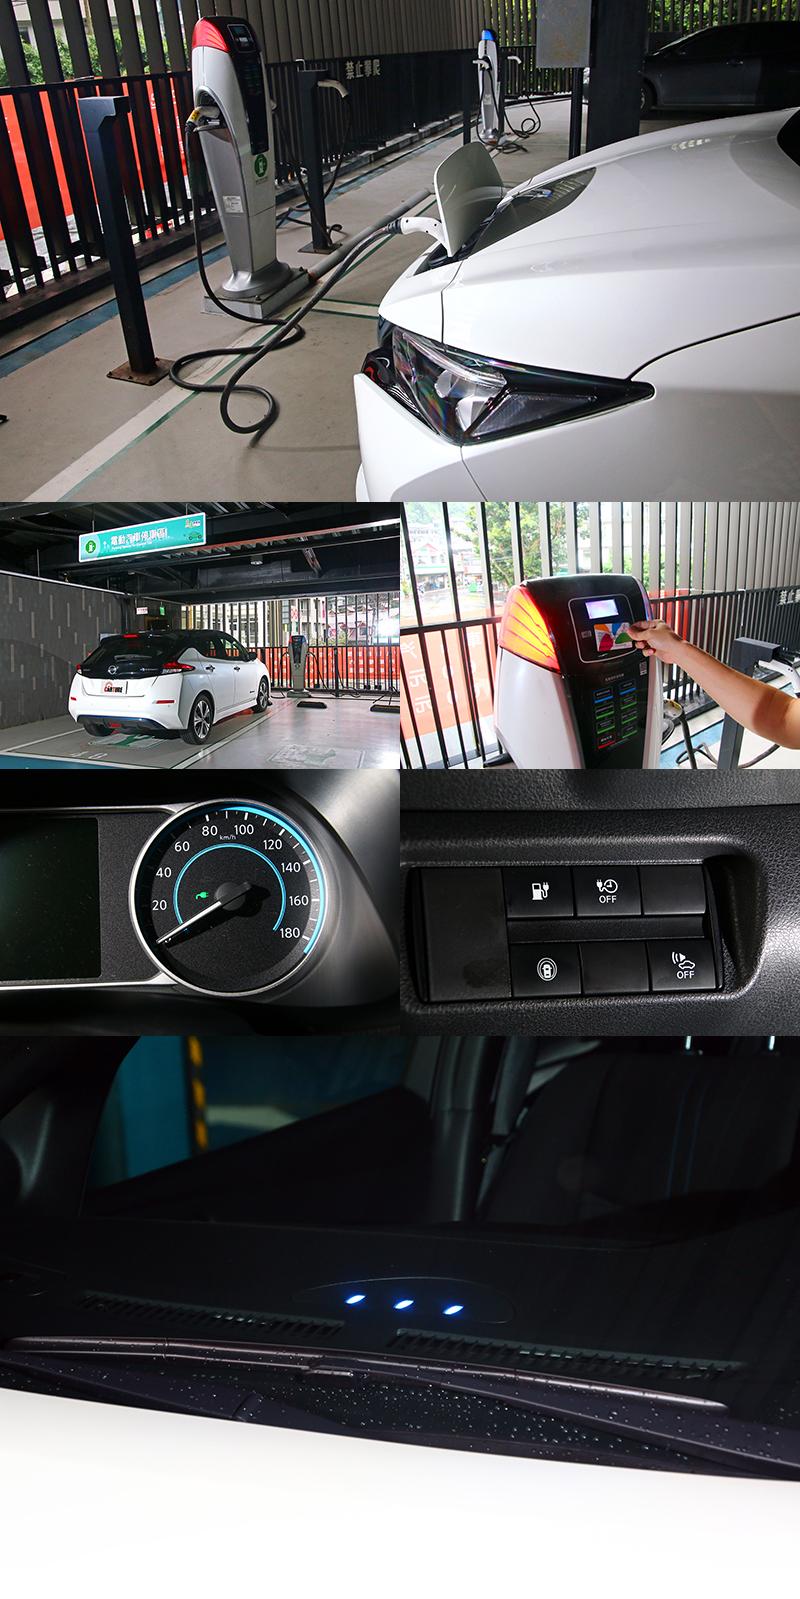 Leaf亦可於一般公用停車場的電動車位充電,充電時前擋下緣的三顆藍燈會亮起,另有充電解除紐,避免誤拔充電插座,對電池產生傷害。